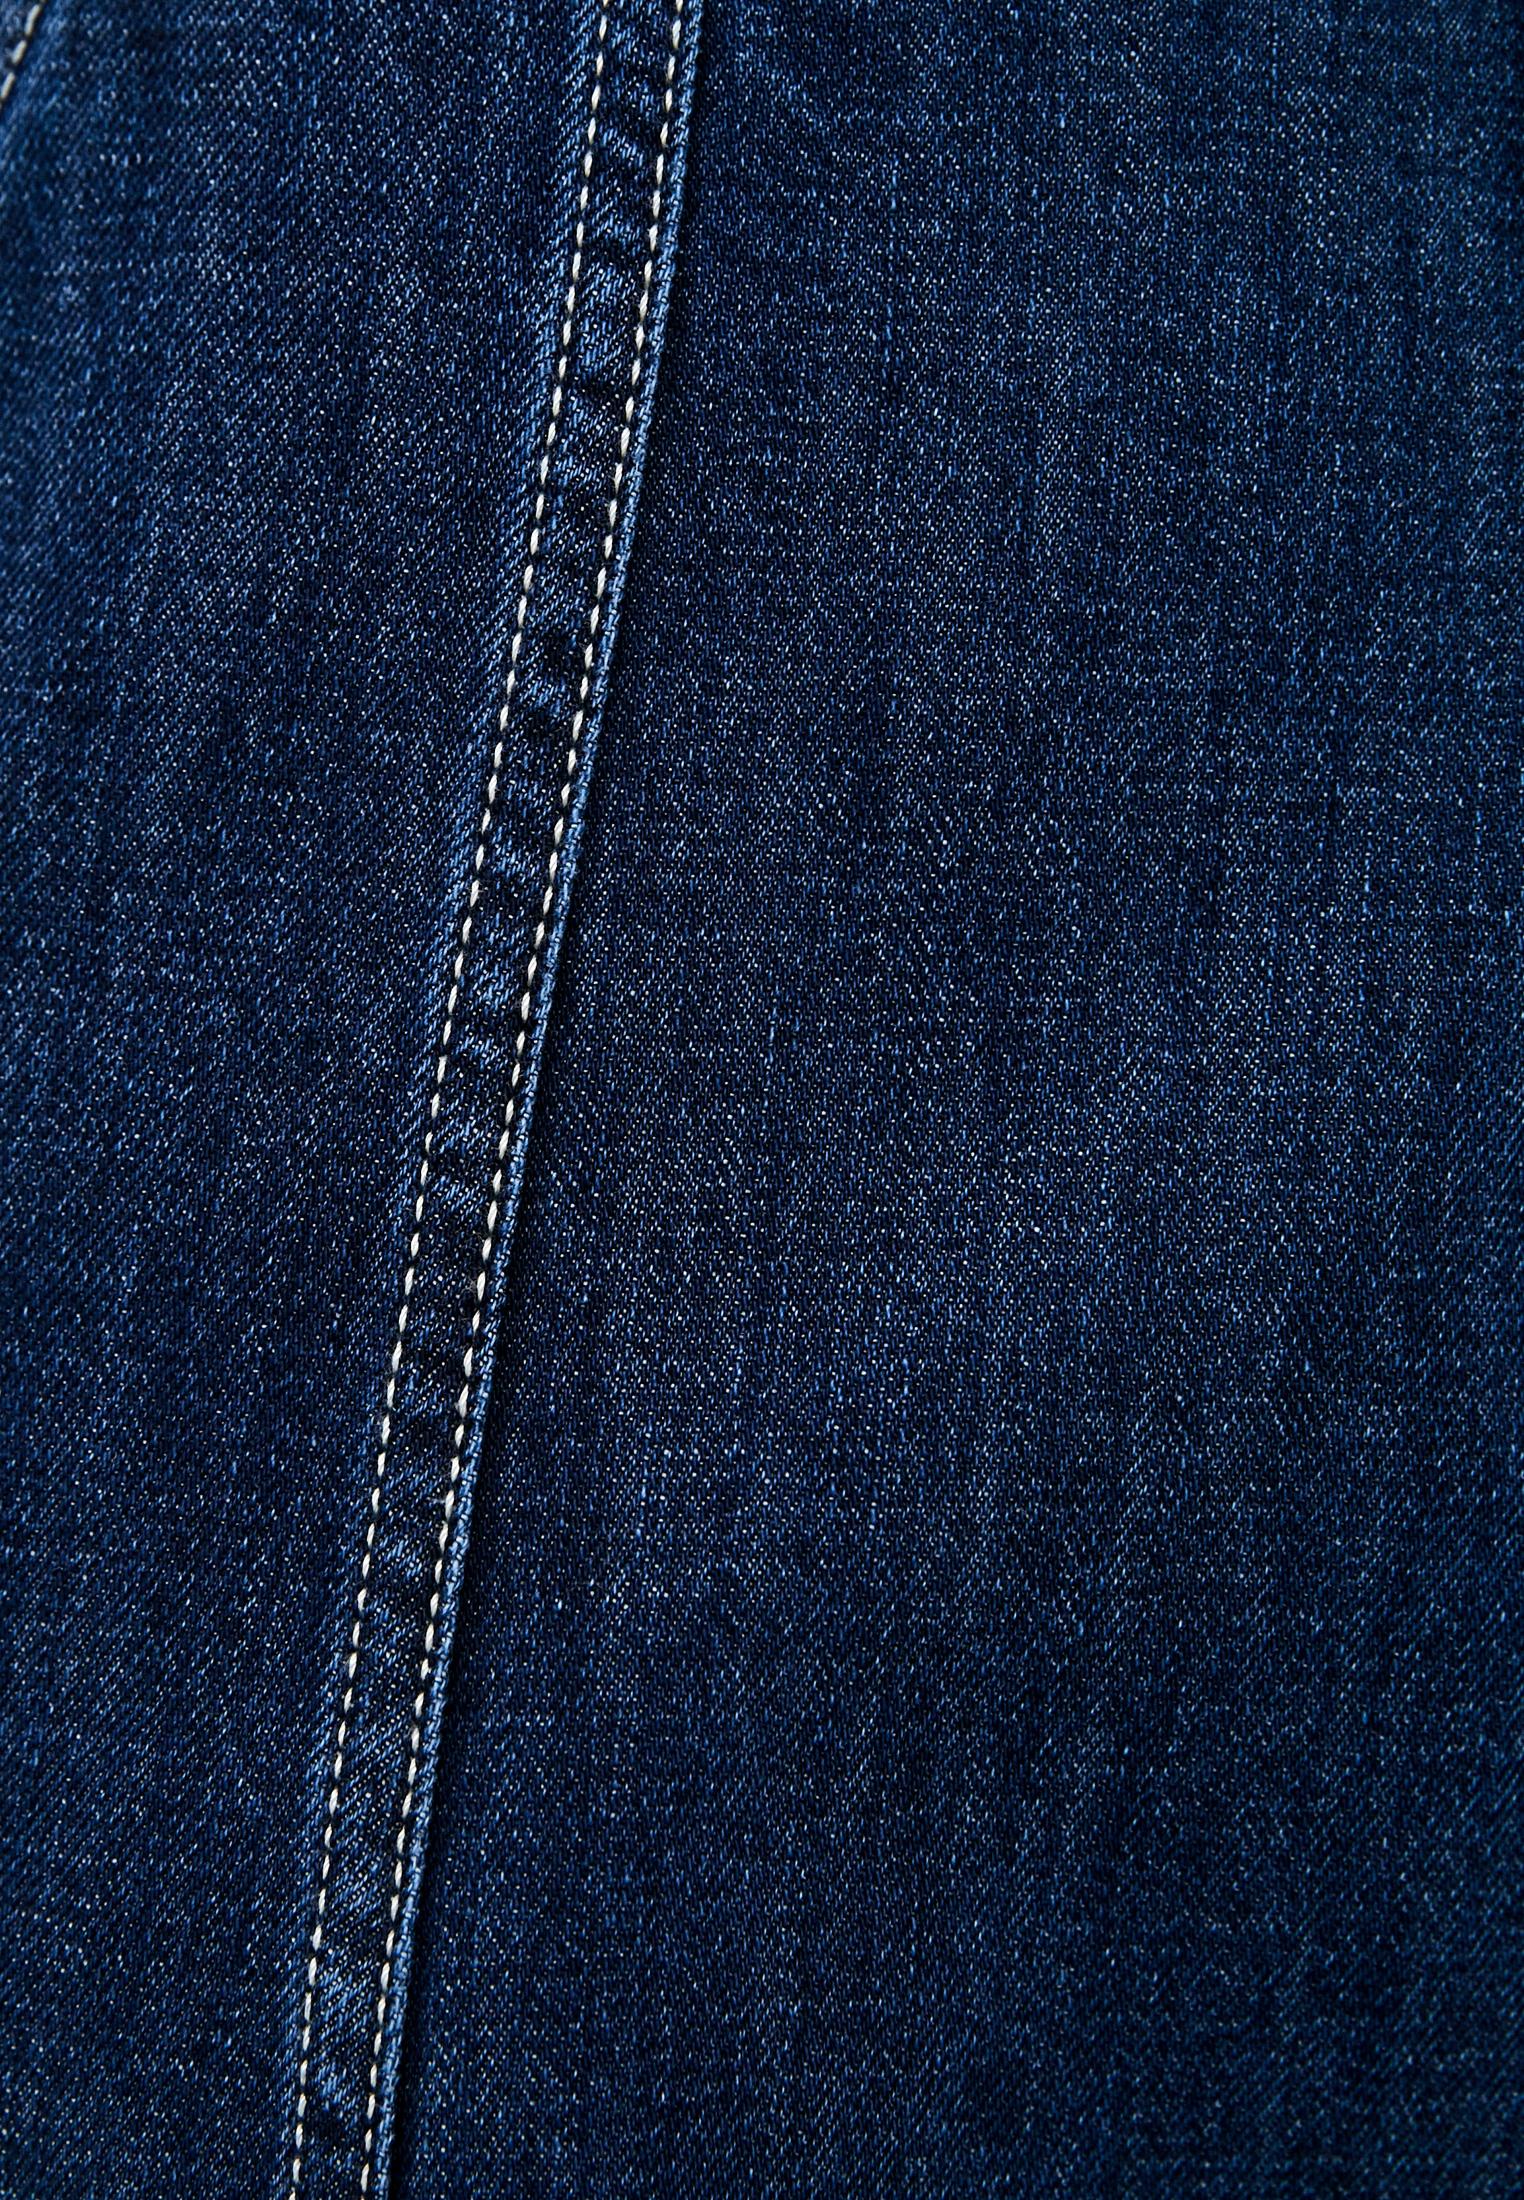 Джинсовая юбка P.A.R.O.S.H. CEANSID620407: изображение 5